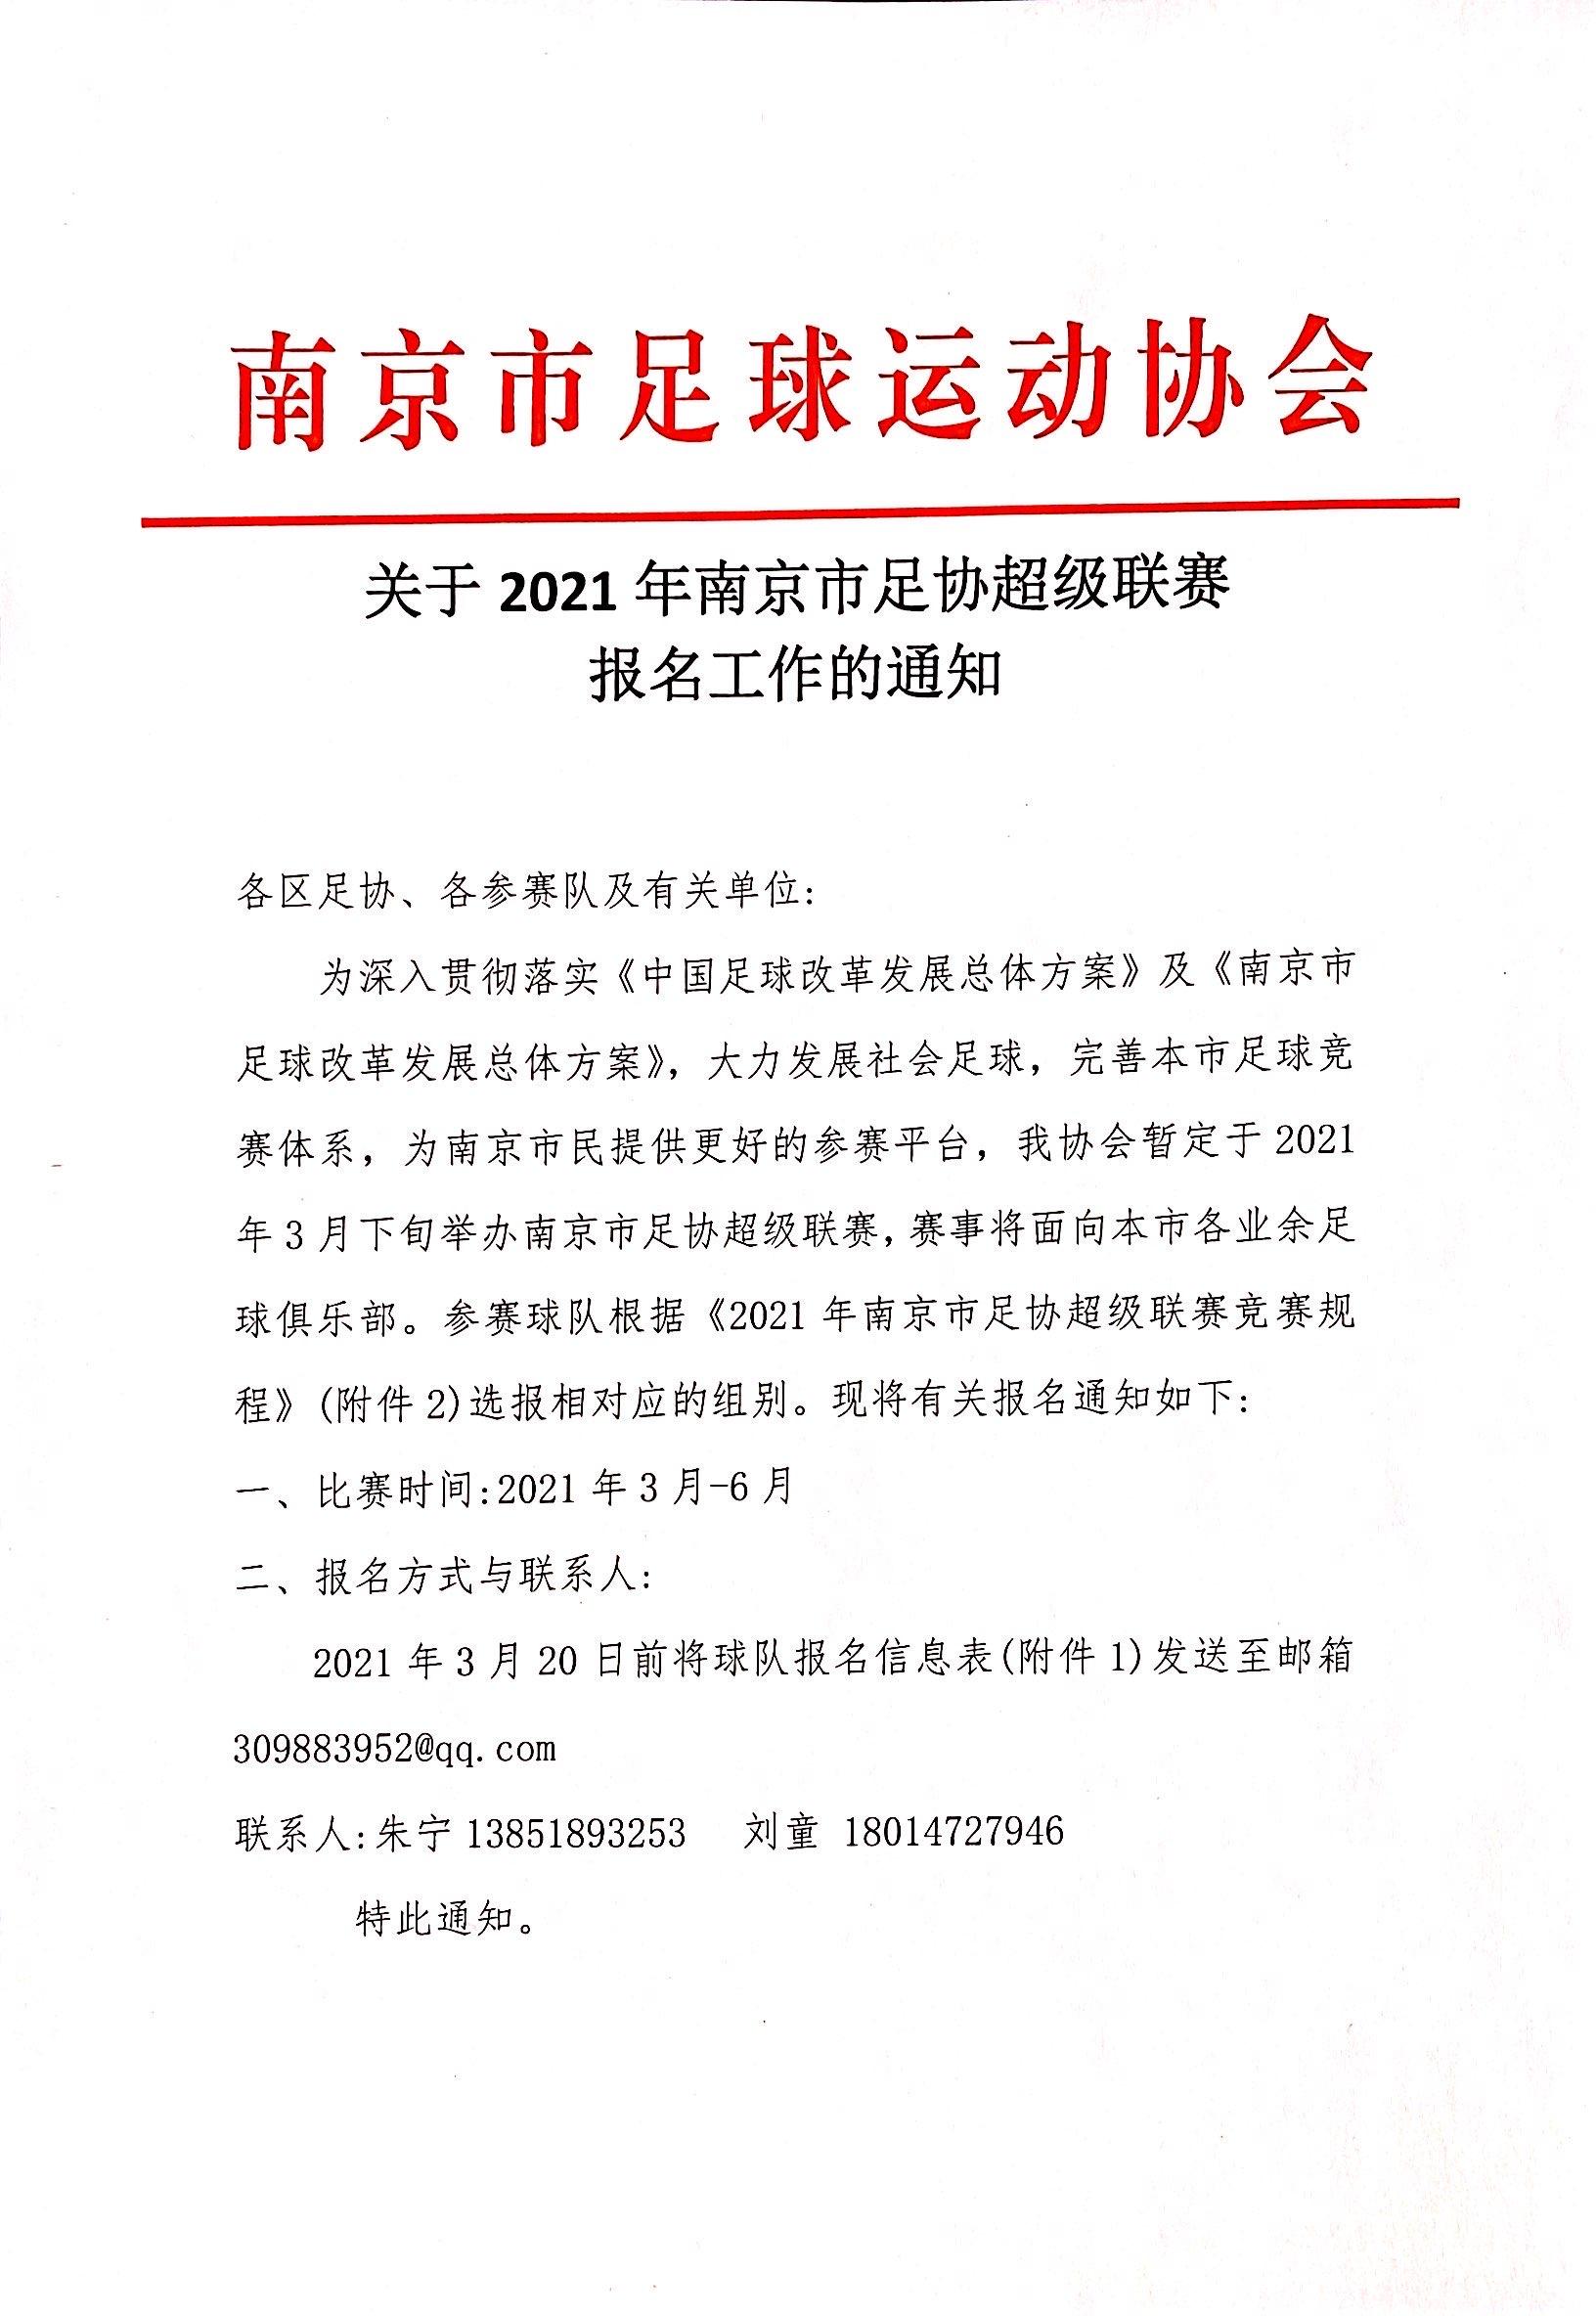 关于2021年南京市足协超级联赛报名工作的通知